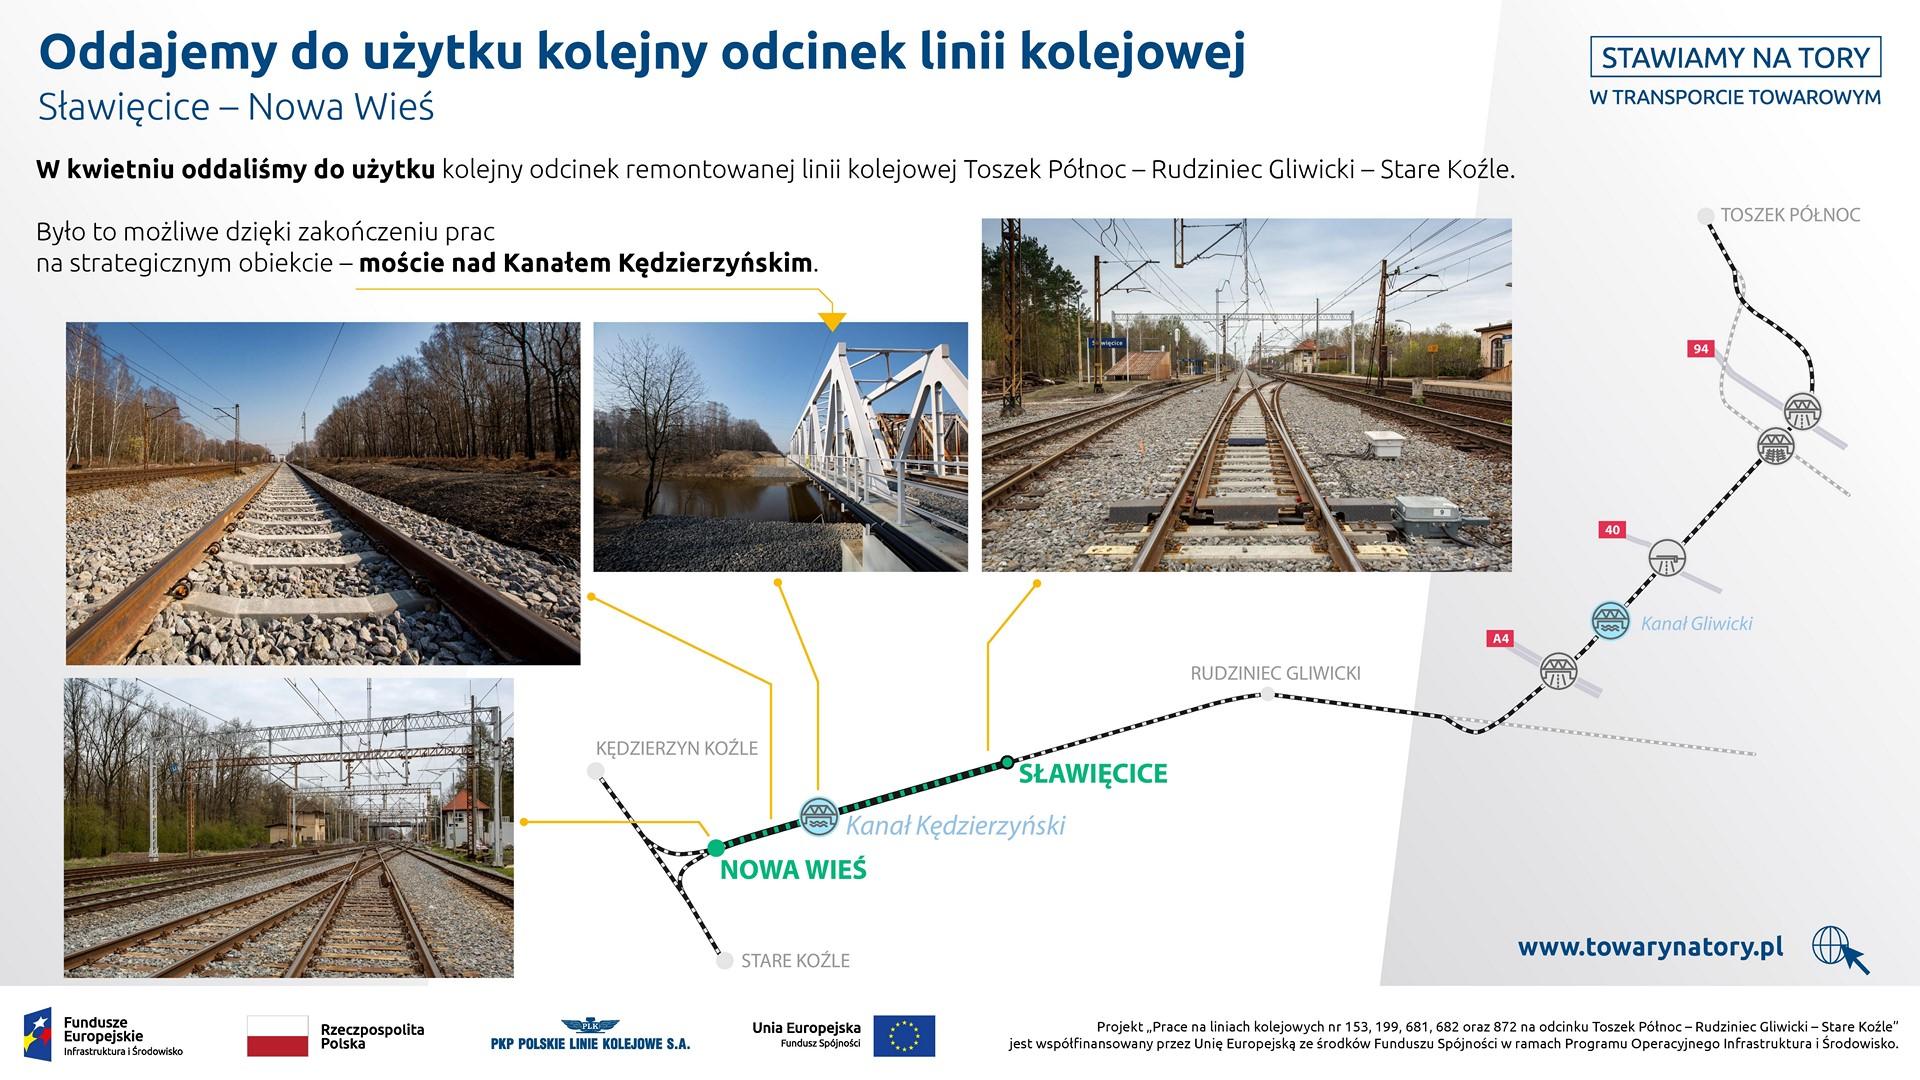 Infografika pokazuje na mapie który dokładnie odcinek został oddany do użytku. Na mapie zaznaczone są Sławięcicec i Nowa Wieś. Dodatkową dodane są zdjęcia z powyższych miejscowości .